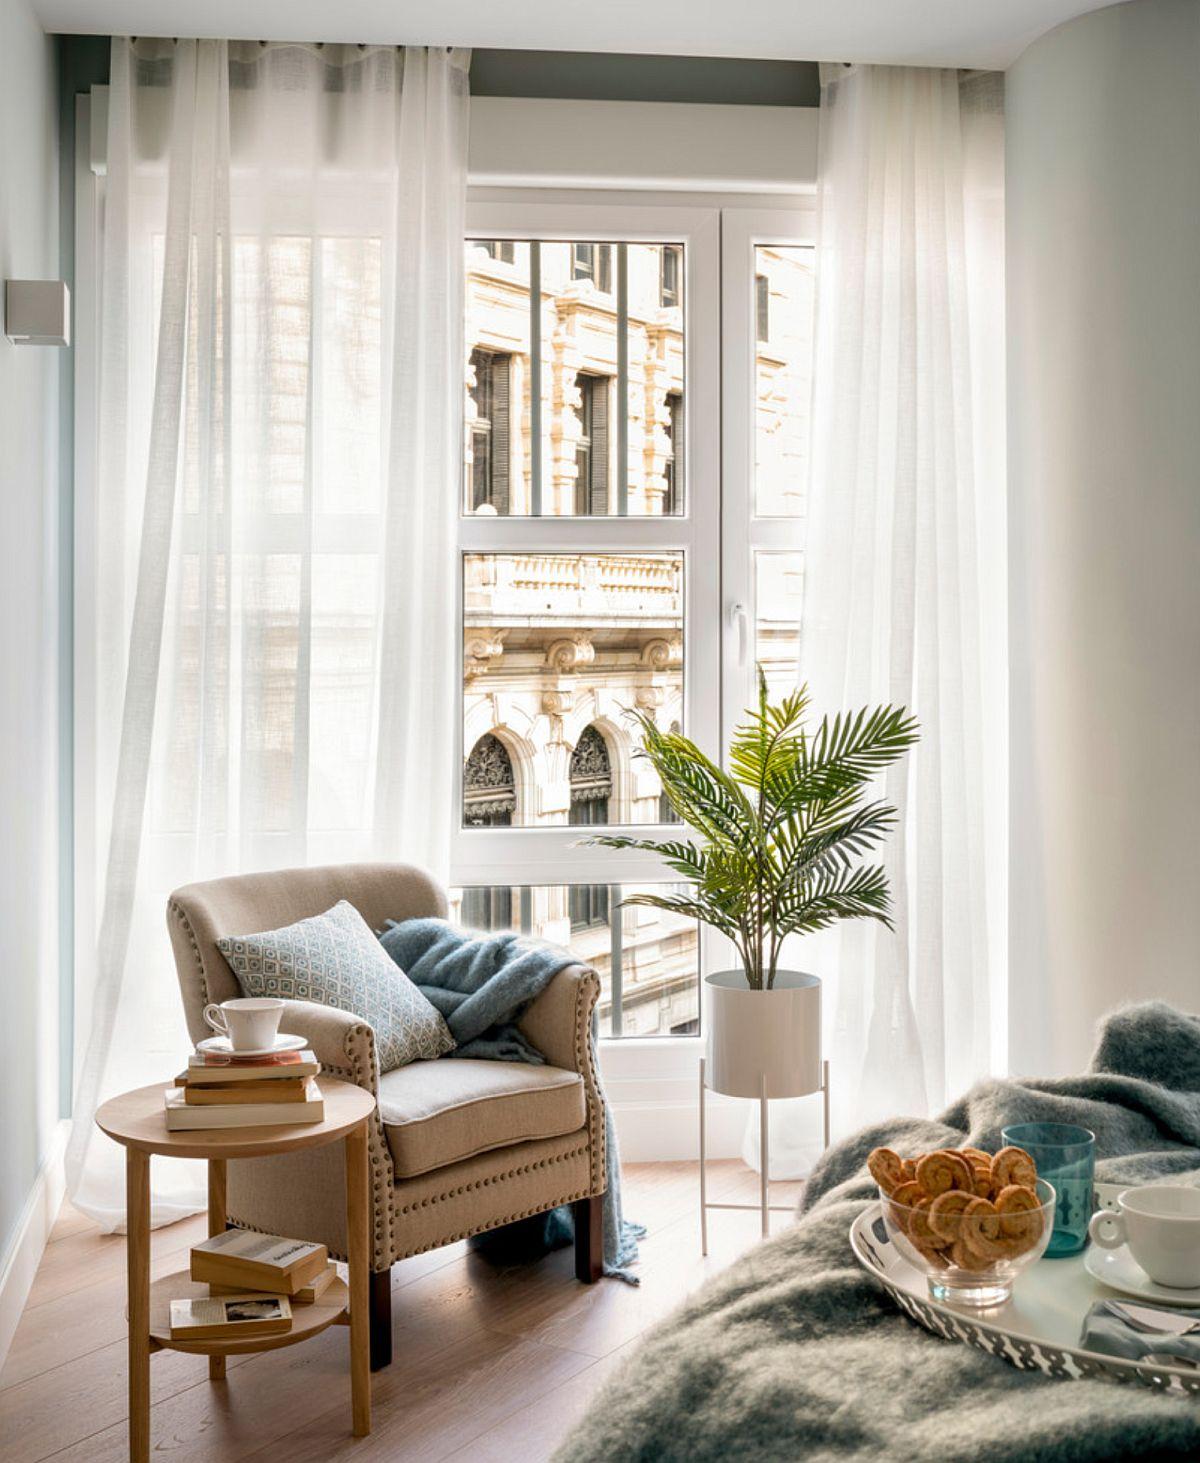 Fiind un apartament într-o clădire veche, colțurile camerelor sunt atipice, ca atare în dormitor, în colțul situat aproape de fereastră, designerii au propus un fotoliu compact, ca loc de lectură și relaxare.